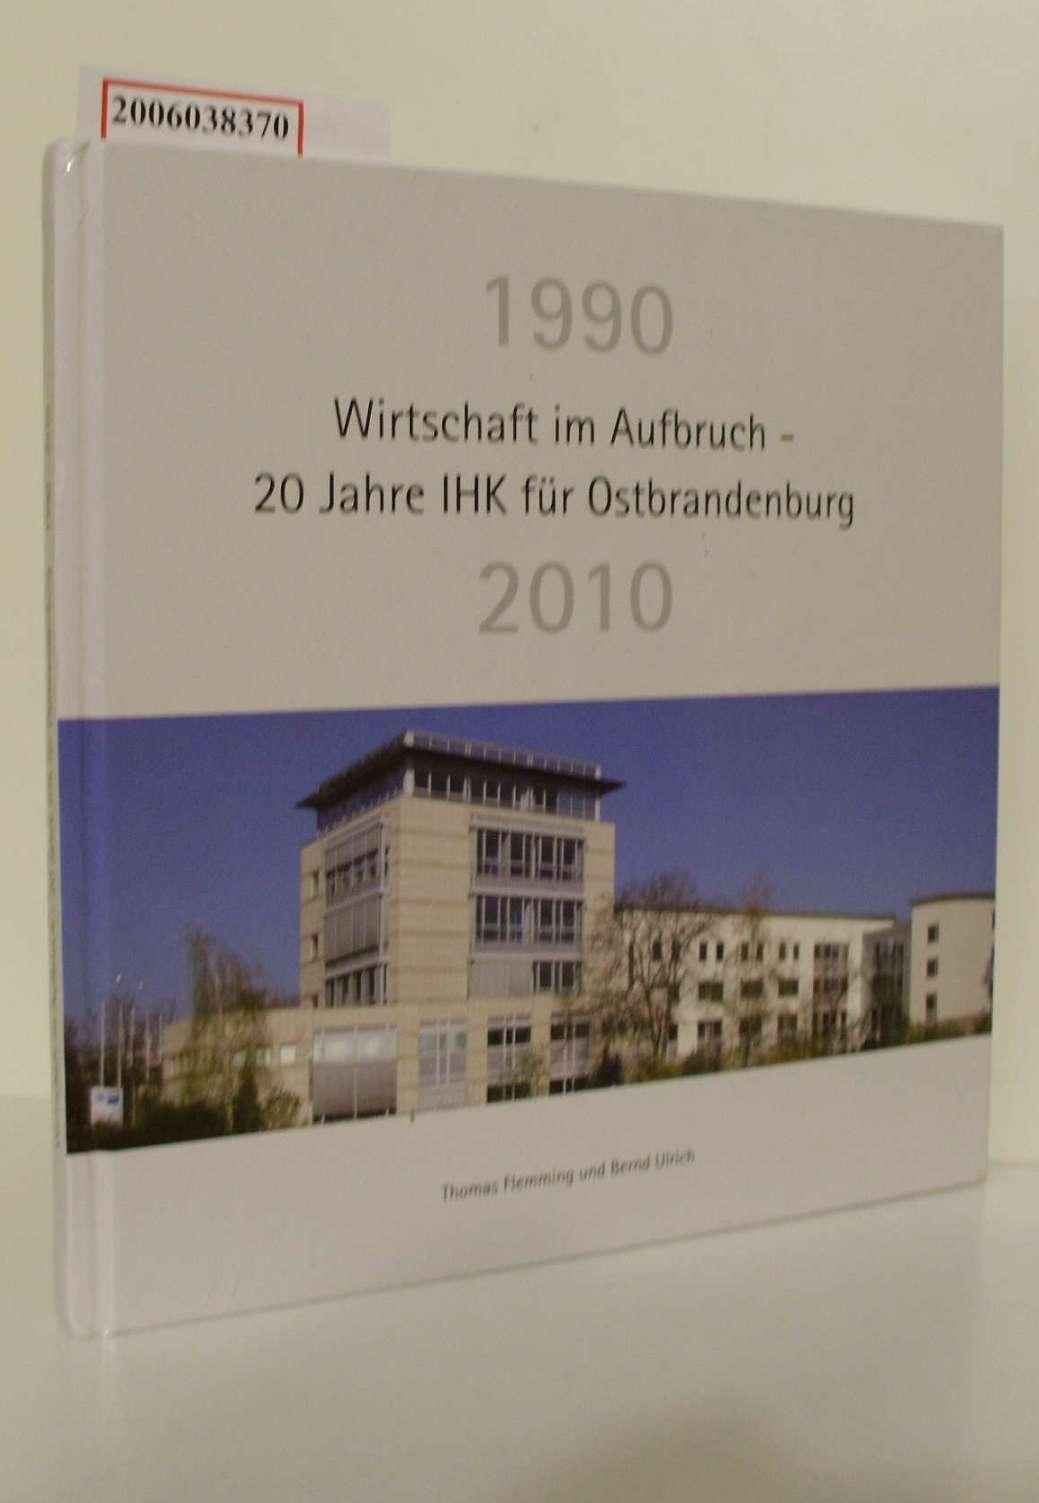 Thomas Flemming und Bernd Ulrich : Wirtschaft im Aufbruch - 20 Jahre IHK für Ostbrandenburg